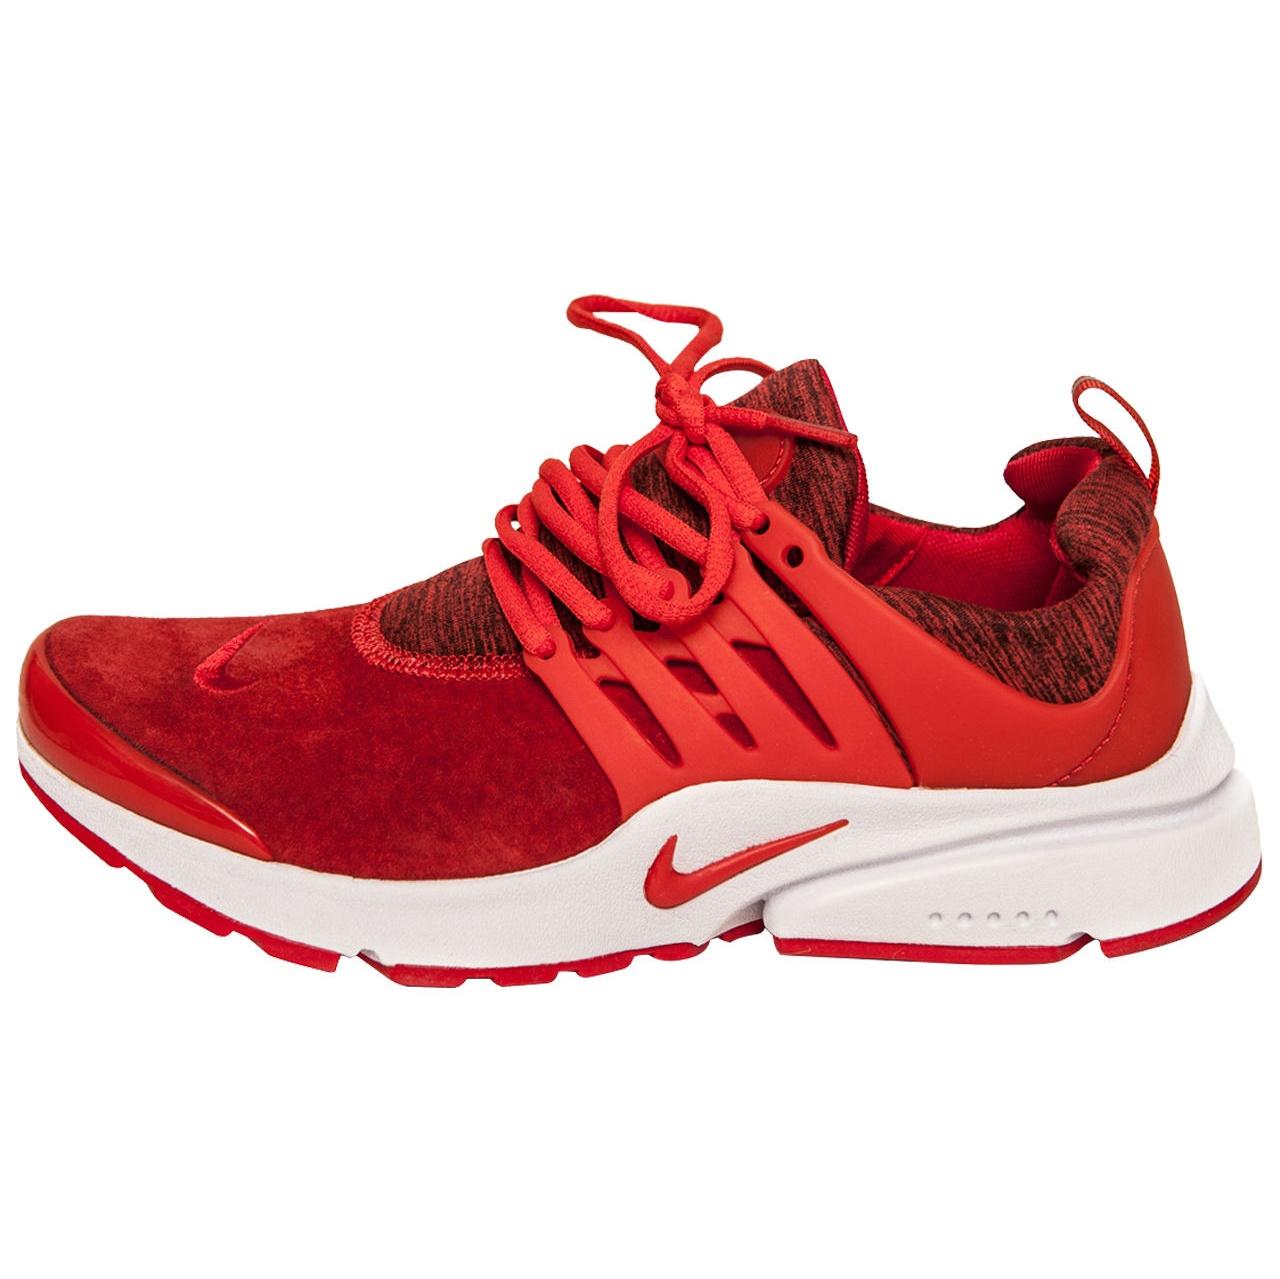 کفش مخصوص پیاده روی زنانه نایکی مدل AIR PRESTO BR RED